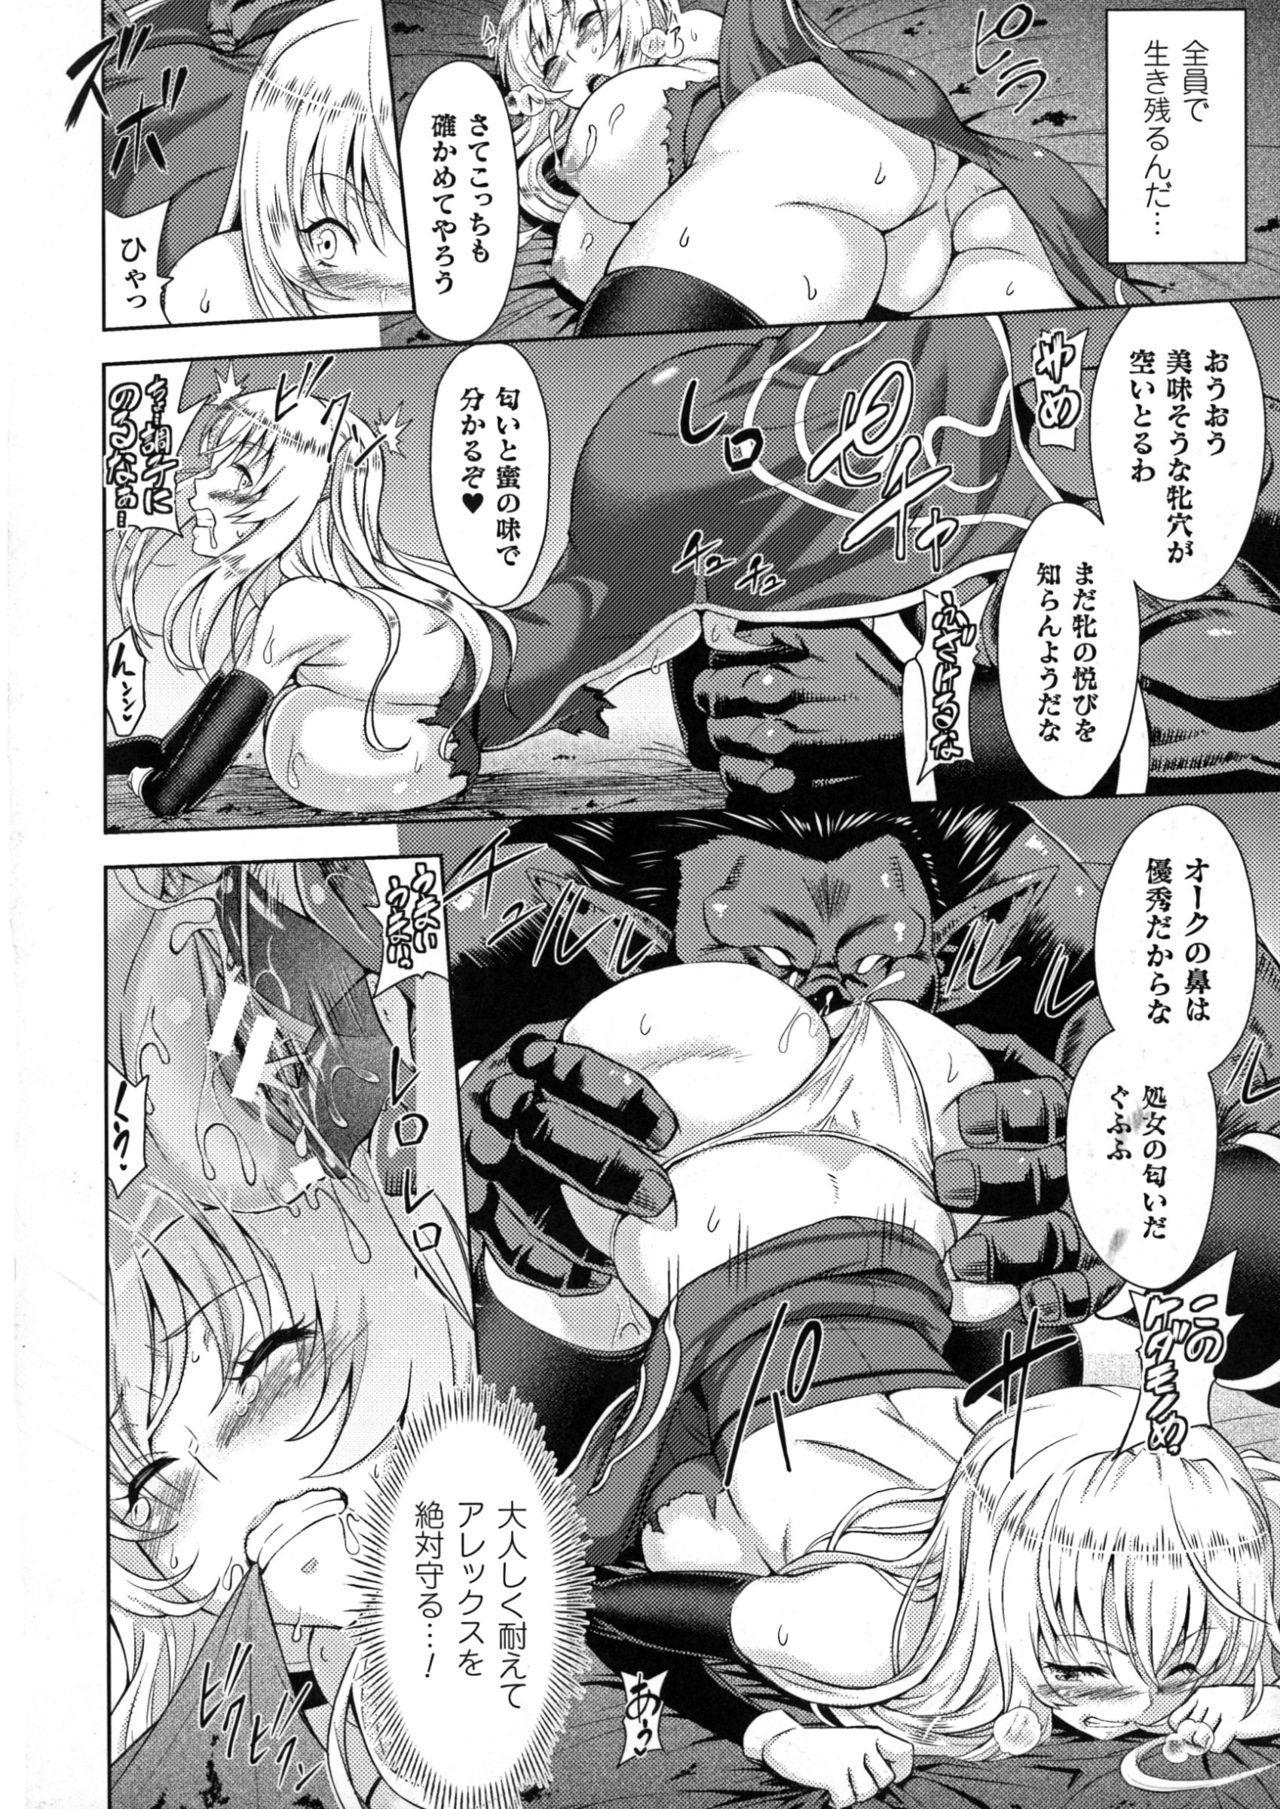 ERONA Orc no Inmon ni Okasareta Onna Kishi no Matsuro Ch. 1-6 13